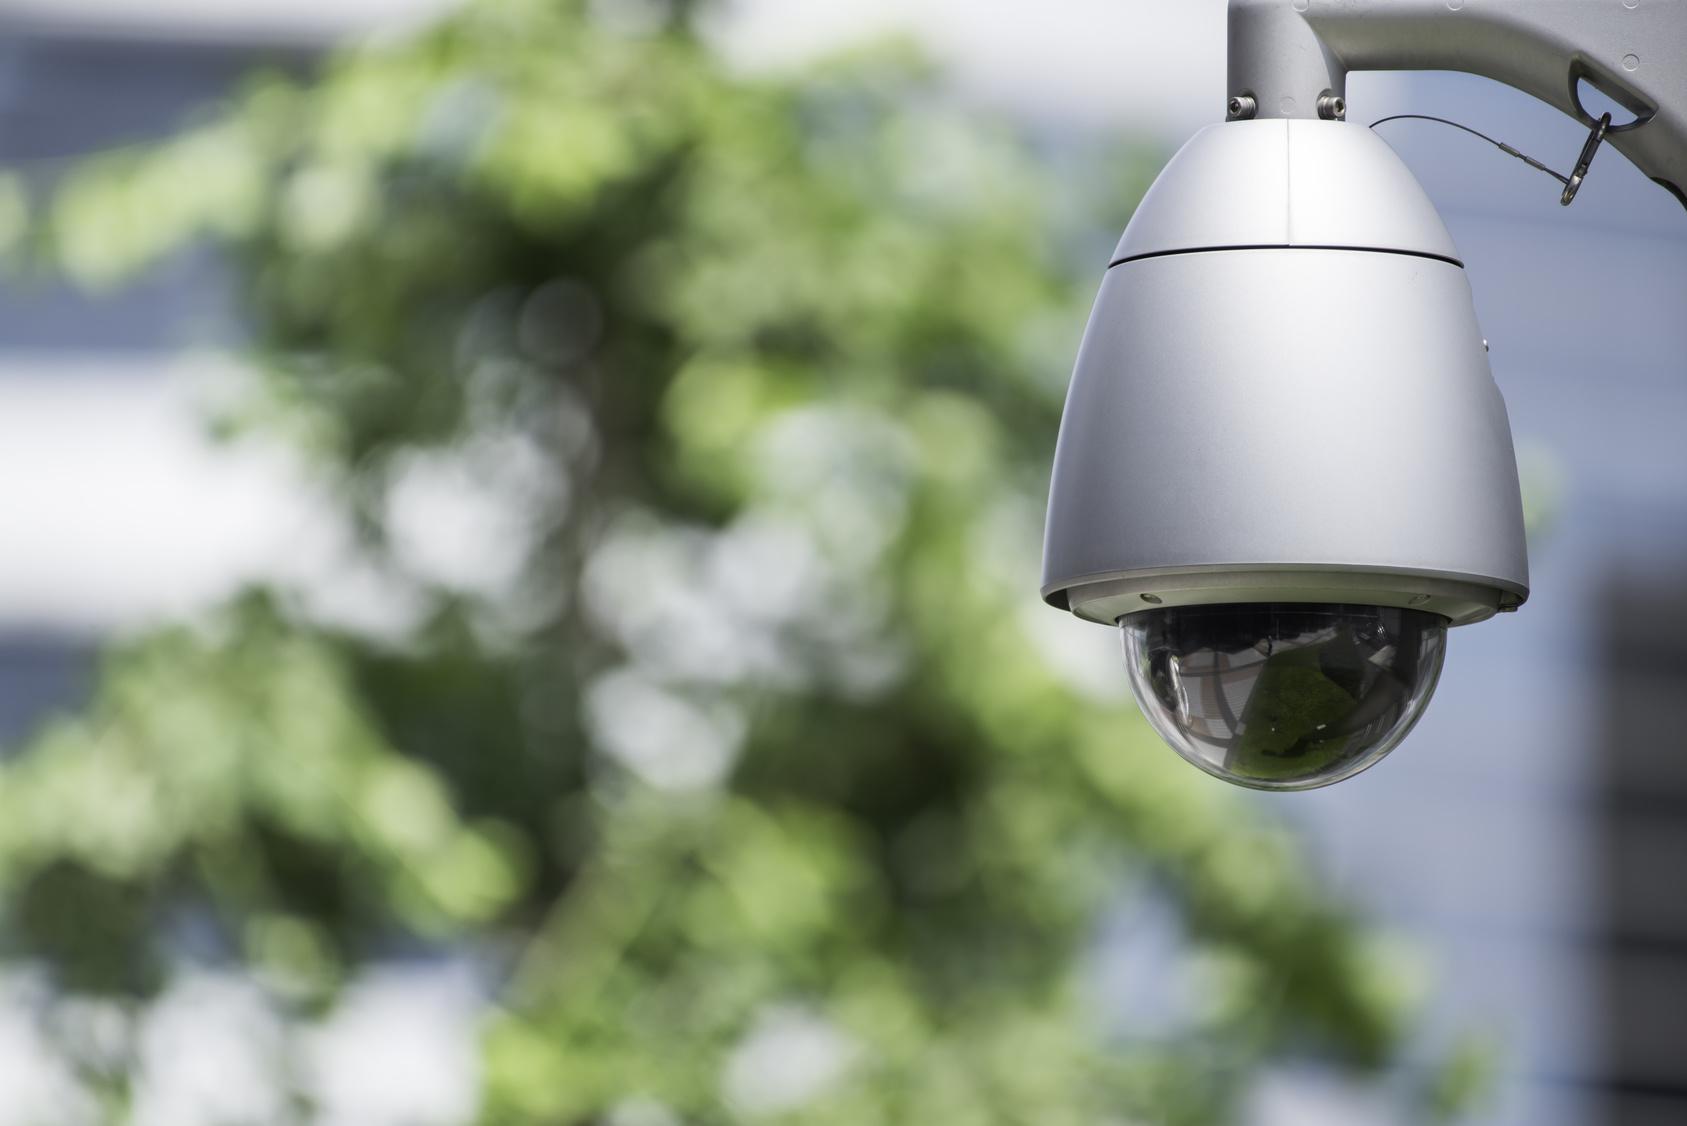 場所別に見る、効果的な防犯カメラの選び方と注意点